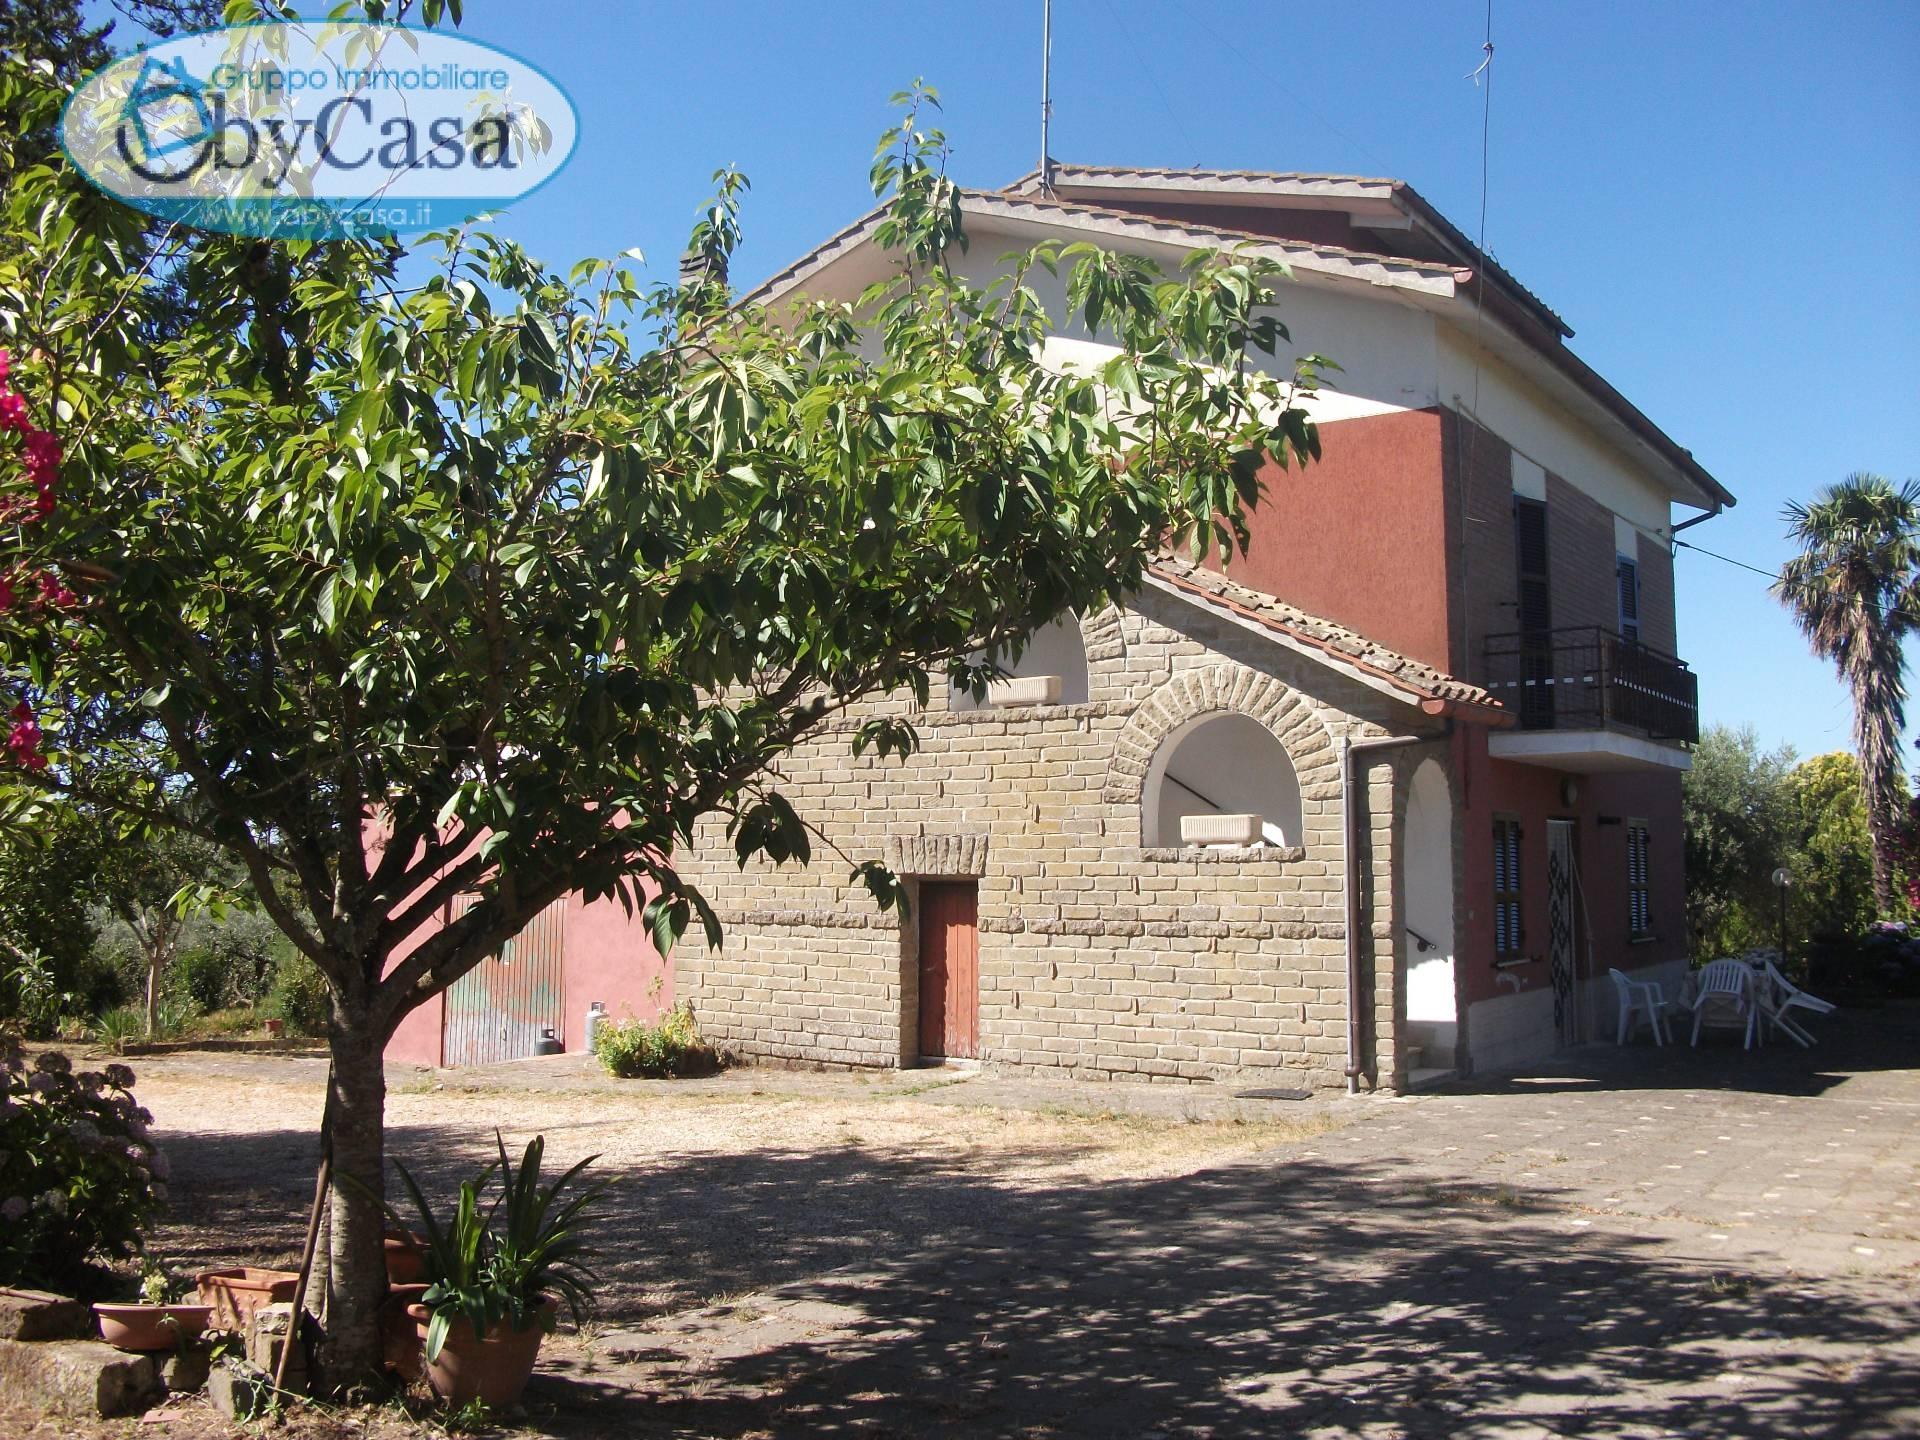 Soluzione Semindipendente in affitto a Canale Monterano, 8 locali, zona Zona: Stigliano, prezzo € 475 | CambioCasa.it